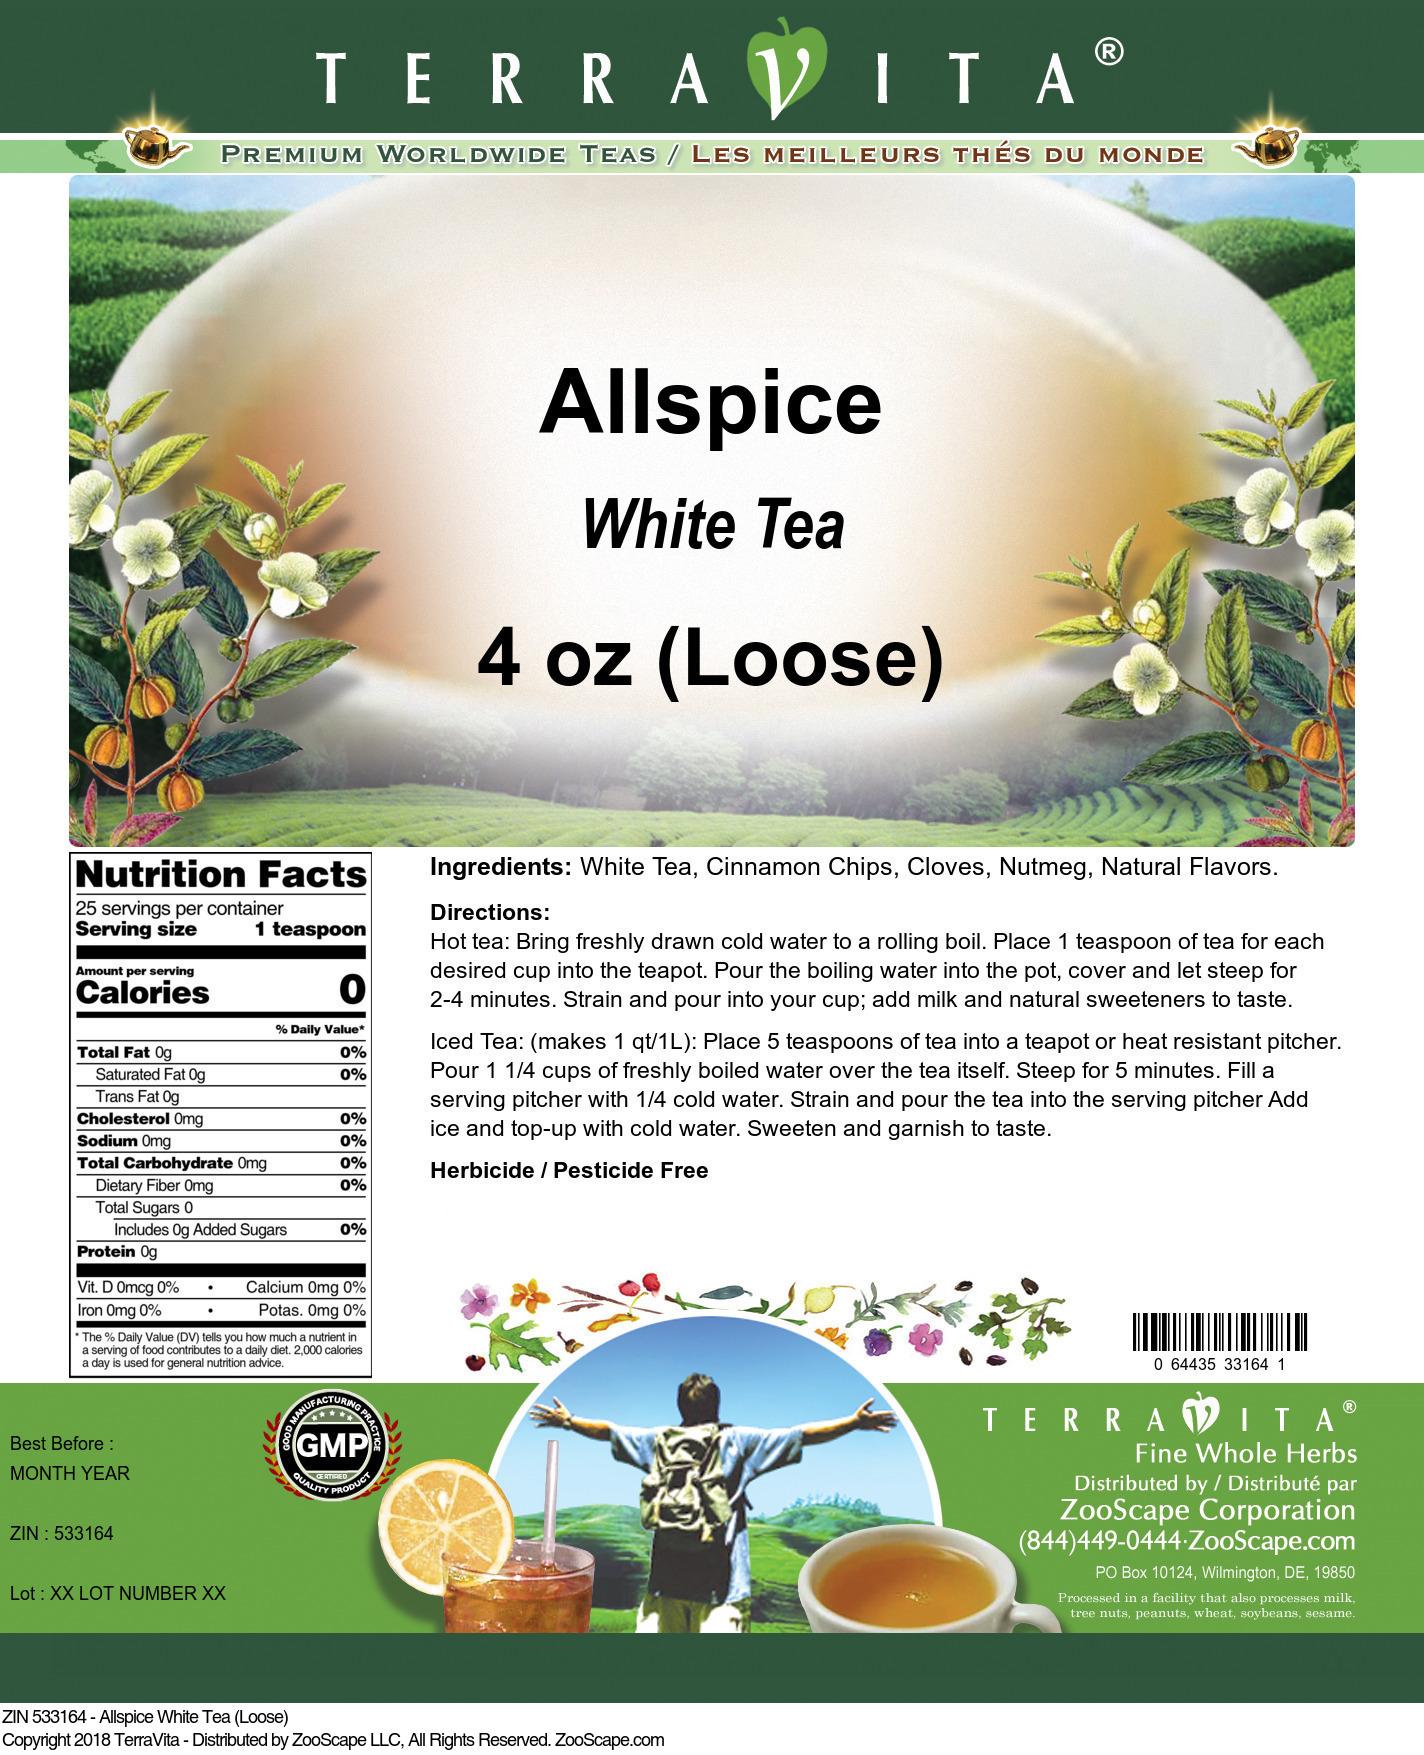 Allspice White Tea (Loose)